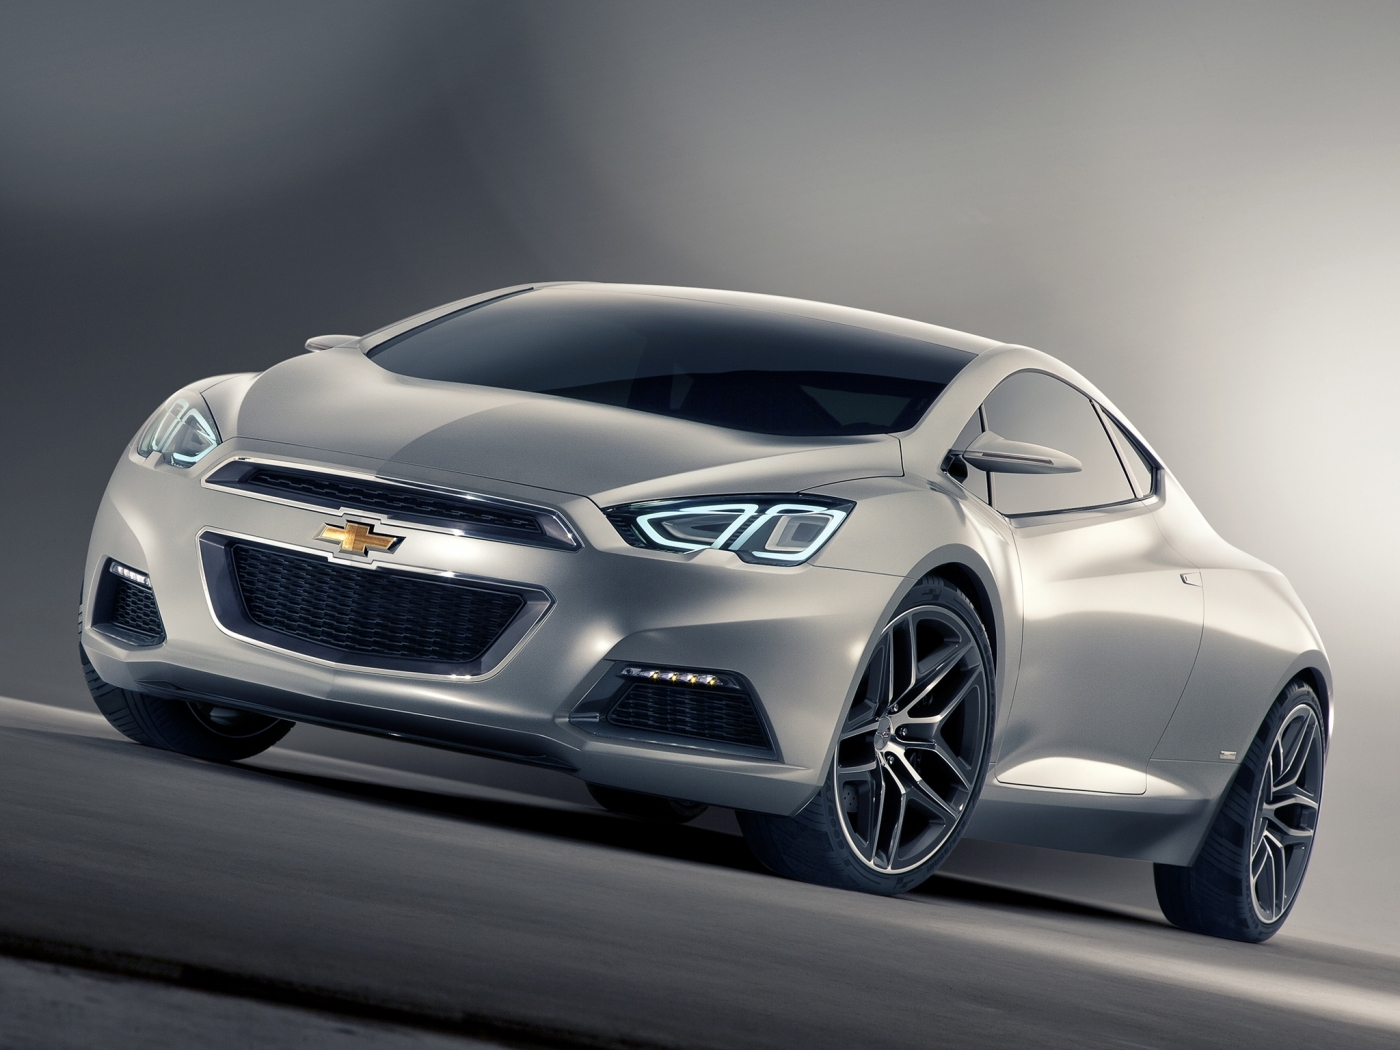 24811 скачать обои Шевроле (Chevrolet), Транспорт, Машины - заставки и картинки бесплатно